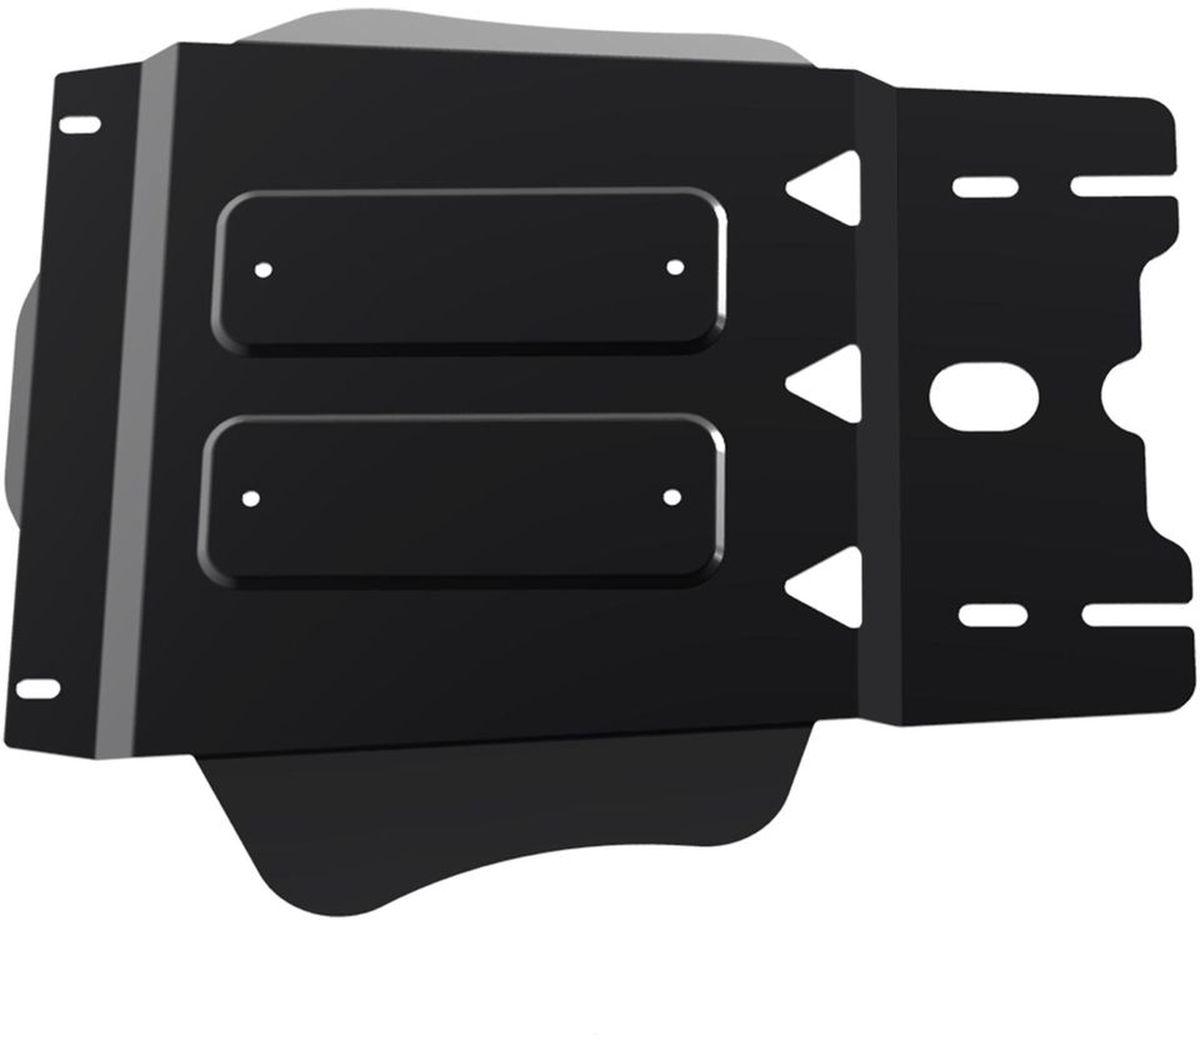 Защита КПП Автоброня Kia Sorento 2005-2009, сталь 2 мм111.02809.1Защита КПП Автоброня Kia Sorento, V - 2,5; 3,3 2005-2009, сталь 2 мм, комплект крепежа, 111.02809.1Дополнительно можно приобрести другие защитные элементы из комплекта: защита радиатора - 1.02807.1, защита картера - 111.02808.1, защита РК - 111.02810.1Стальные защиты Автоброня надежно защищают ваш автомобиль от повреждений при наезде на бордюры, выступающие канализационные люки, кромки поврежденного асфальта или при ремонте дорог, не говоря уже о загородных дорогах.- Имеют оптимальное соотношение цена-качество.- Спроектированы с учетом особенностей автомобиля, что делает установку удобной.- Защита устанавливается в штатные места кузова автомобиля.- Является надежной защитой для важных элементов на протяжении долгих лет.- Глубокий штамп дополнительно усиливает конструкцию защиты.- Подштамповка в местах крепления защищает крепеж от срезания.- Технологические отверстия там, где они необходимы для смены масла и слива воды, оборудованные заглушками, закрепленными на защите.Толщина стали 2 мм.В комплекте крепеж и инструкция по установке.Уважаемые клиенты!Обращаем ваше внимание на тот факт, что защита имеет форму, соответствующую модели данного автомобиля. Наличие глубокого штампа и лючков для смены фильтров/масла предусмотрено не на всех защитах. Фото служит для визуального восприятия товара.